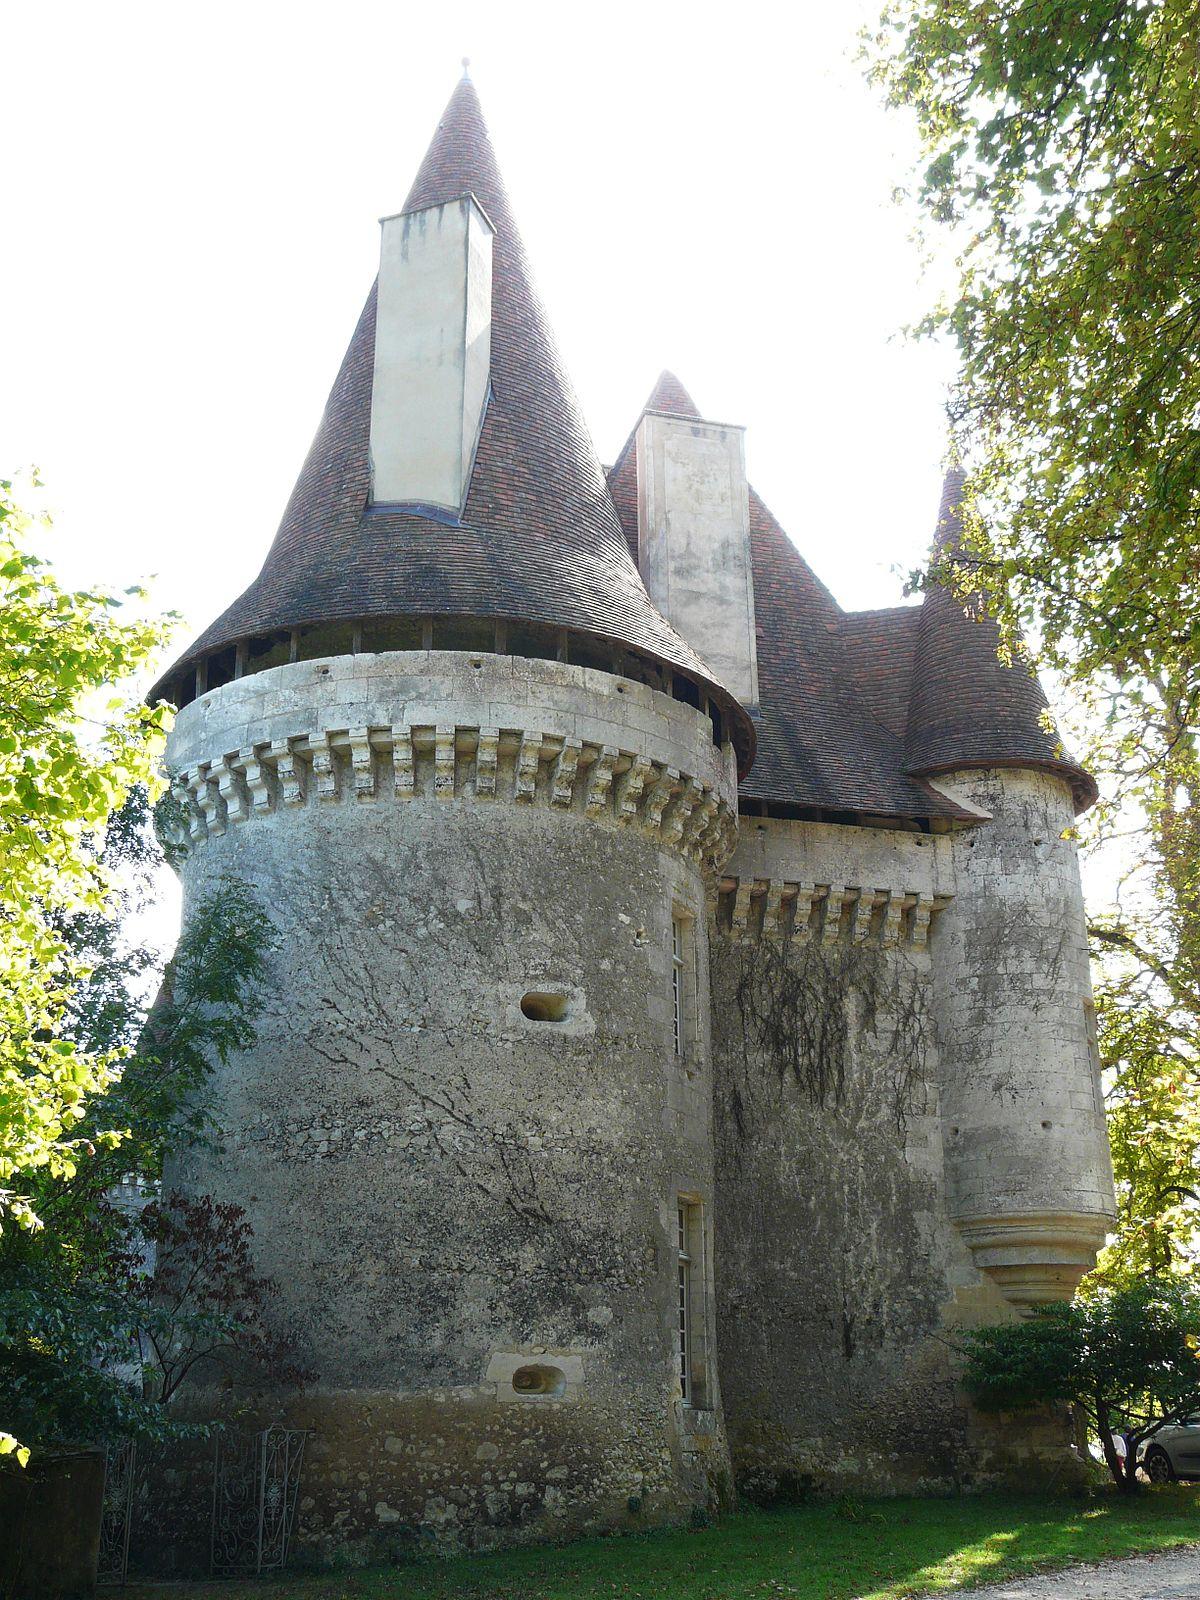 Frais image de chateau imprimer - Image de chateau a imprimer ...